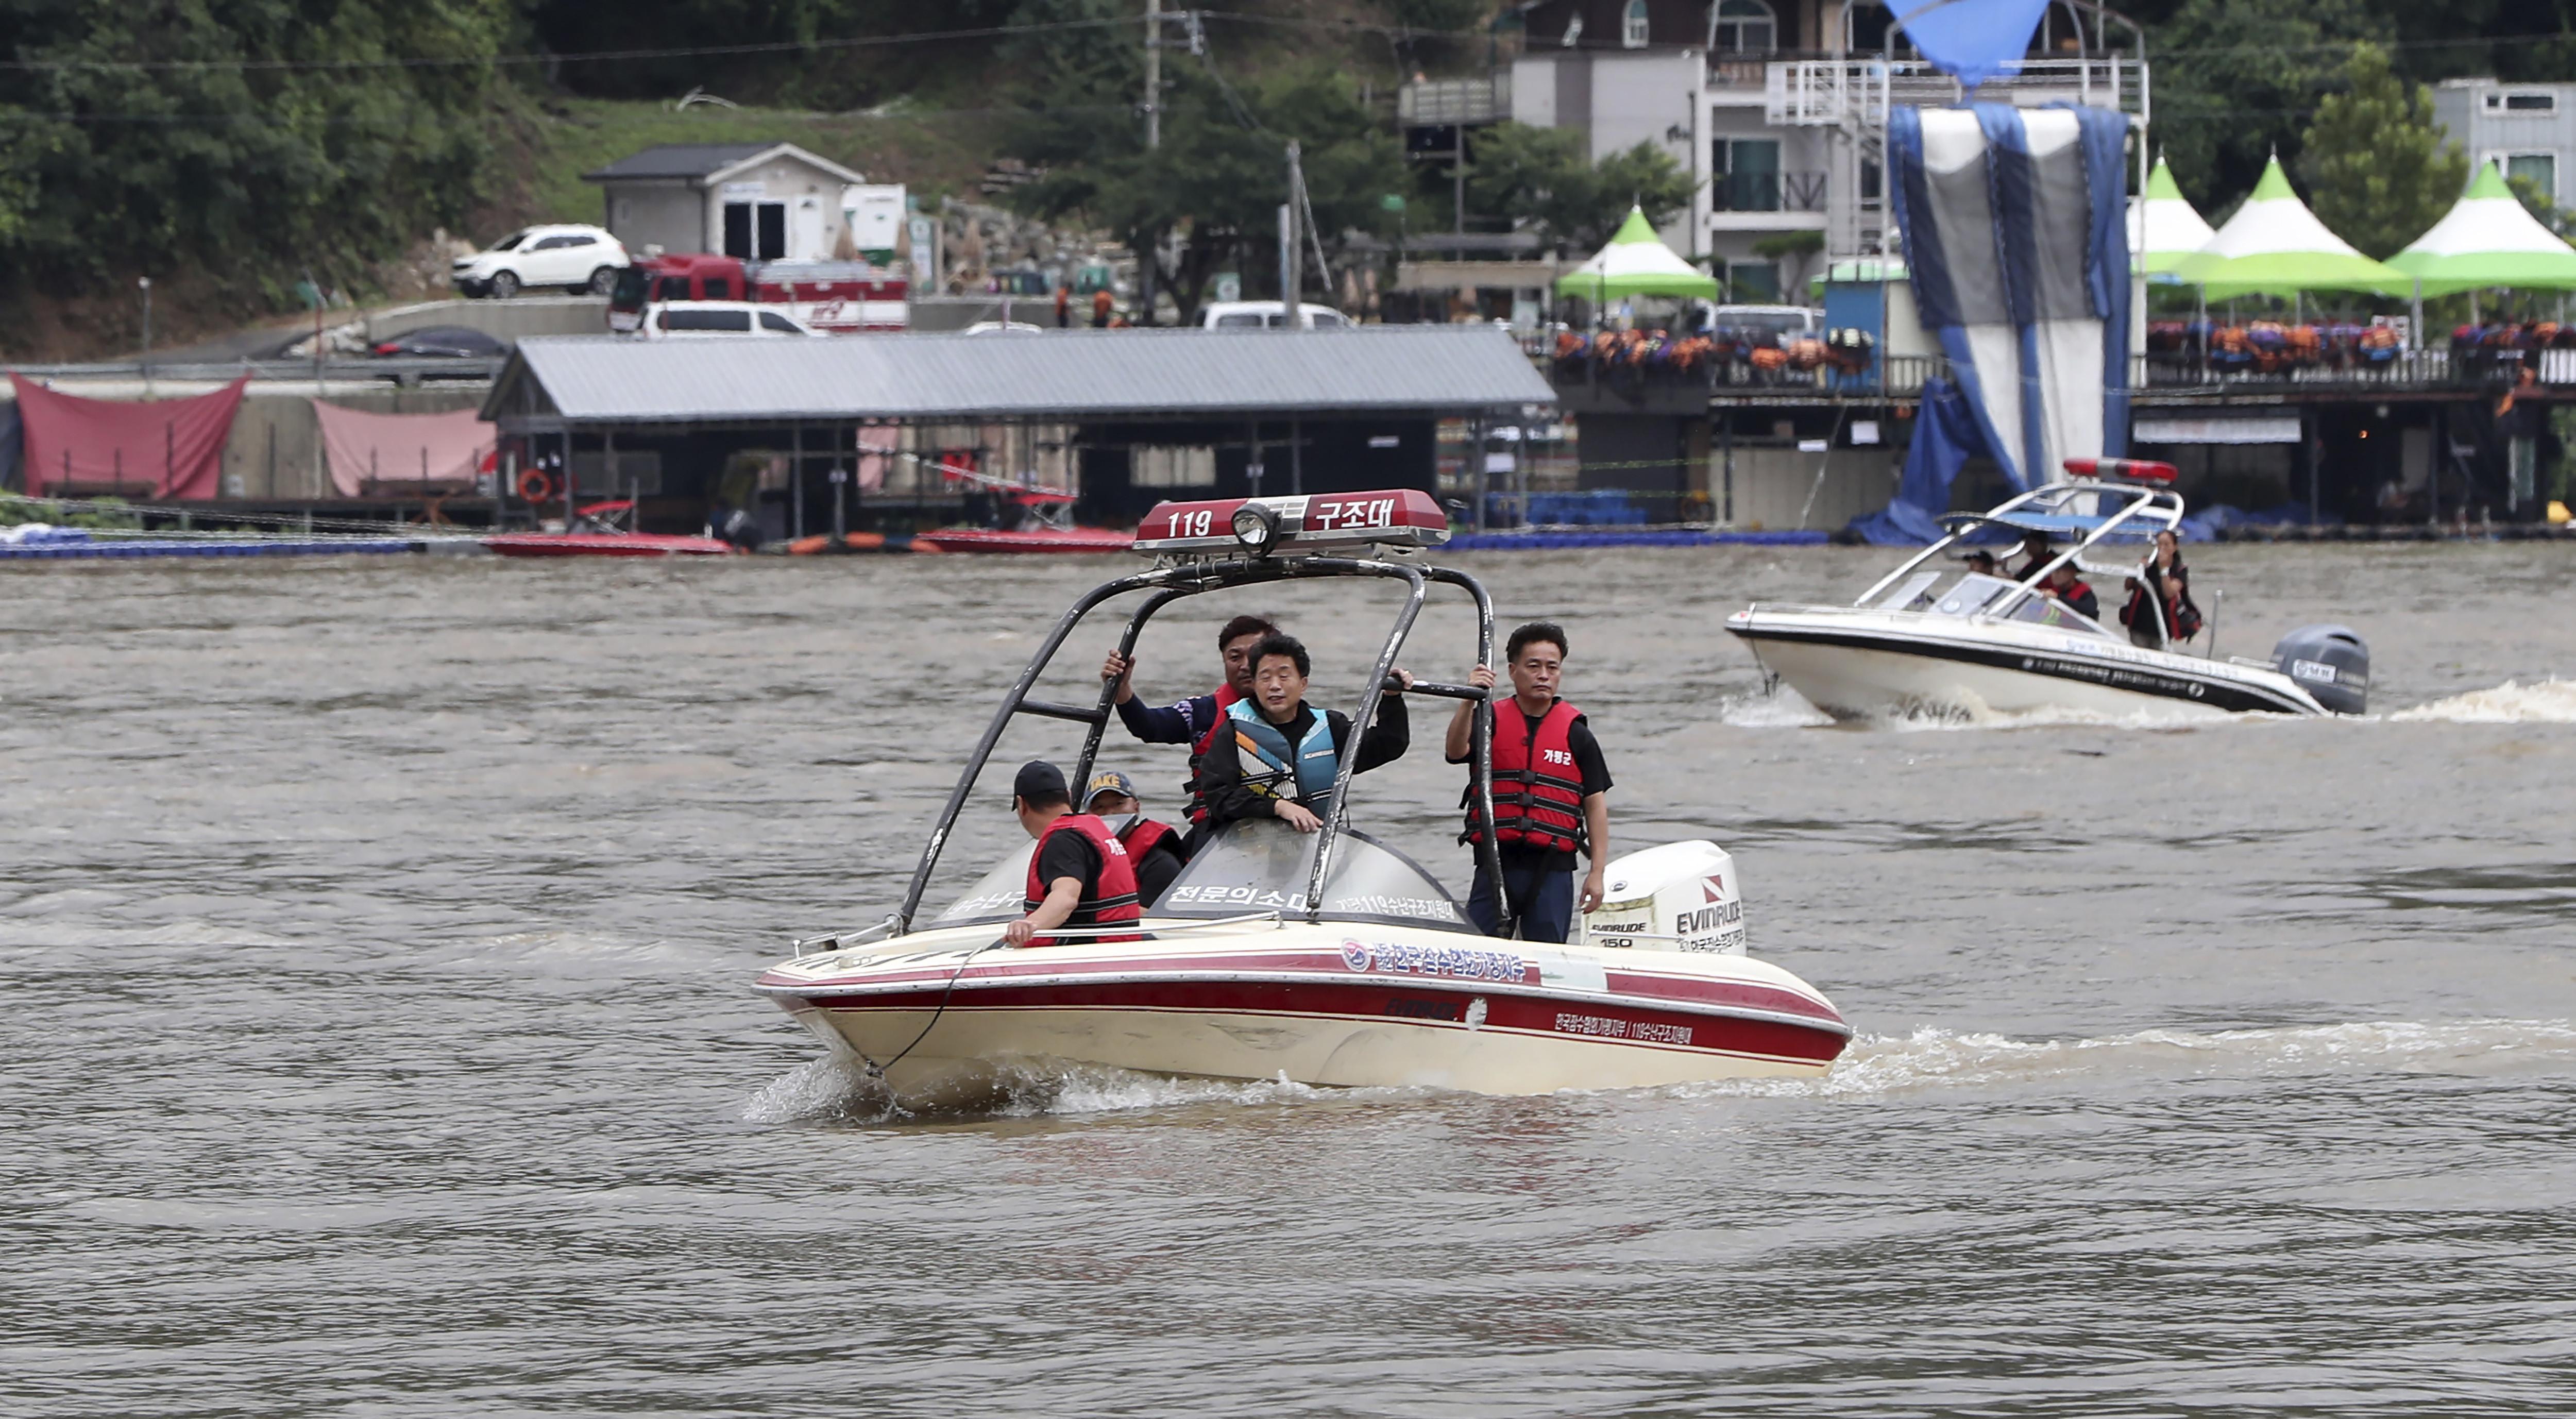 ▲▼警消人員搭乘船艇在加平郡展開搜救作業。(圖/達志影像/美聯社)